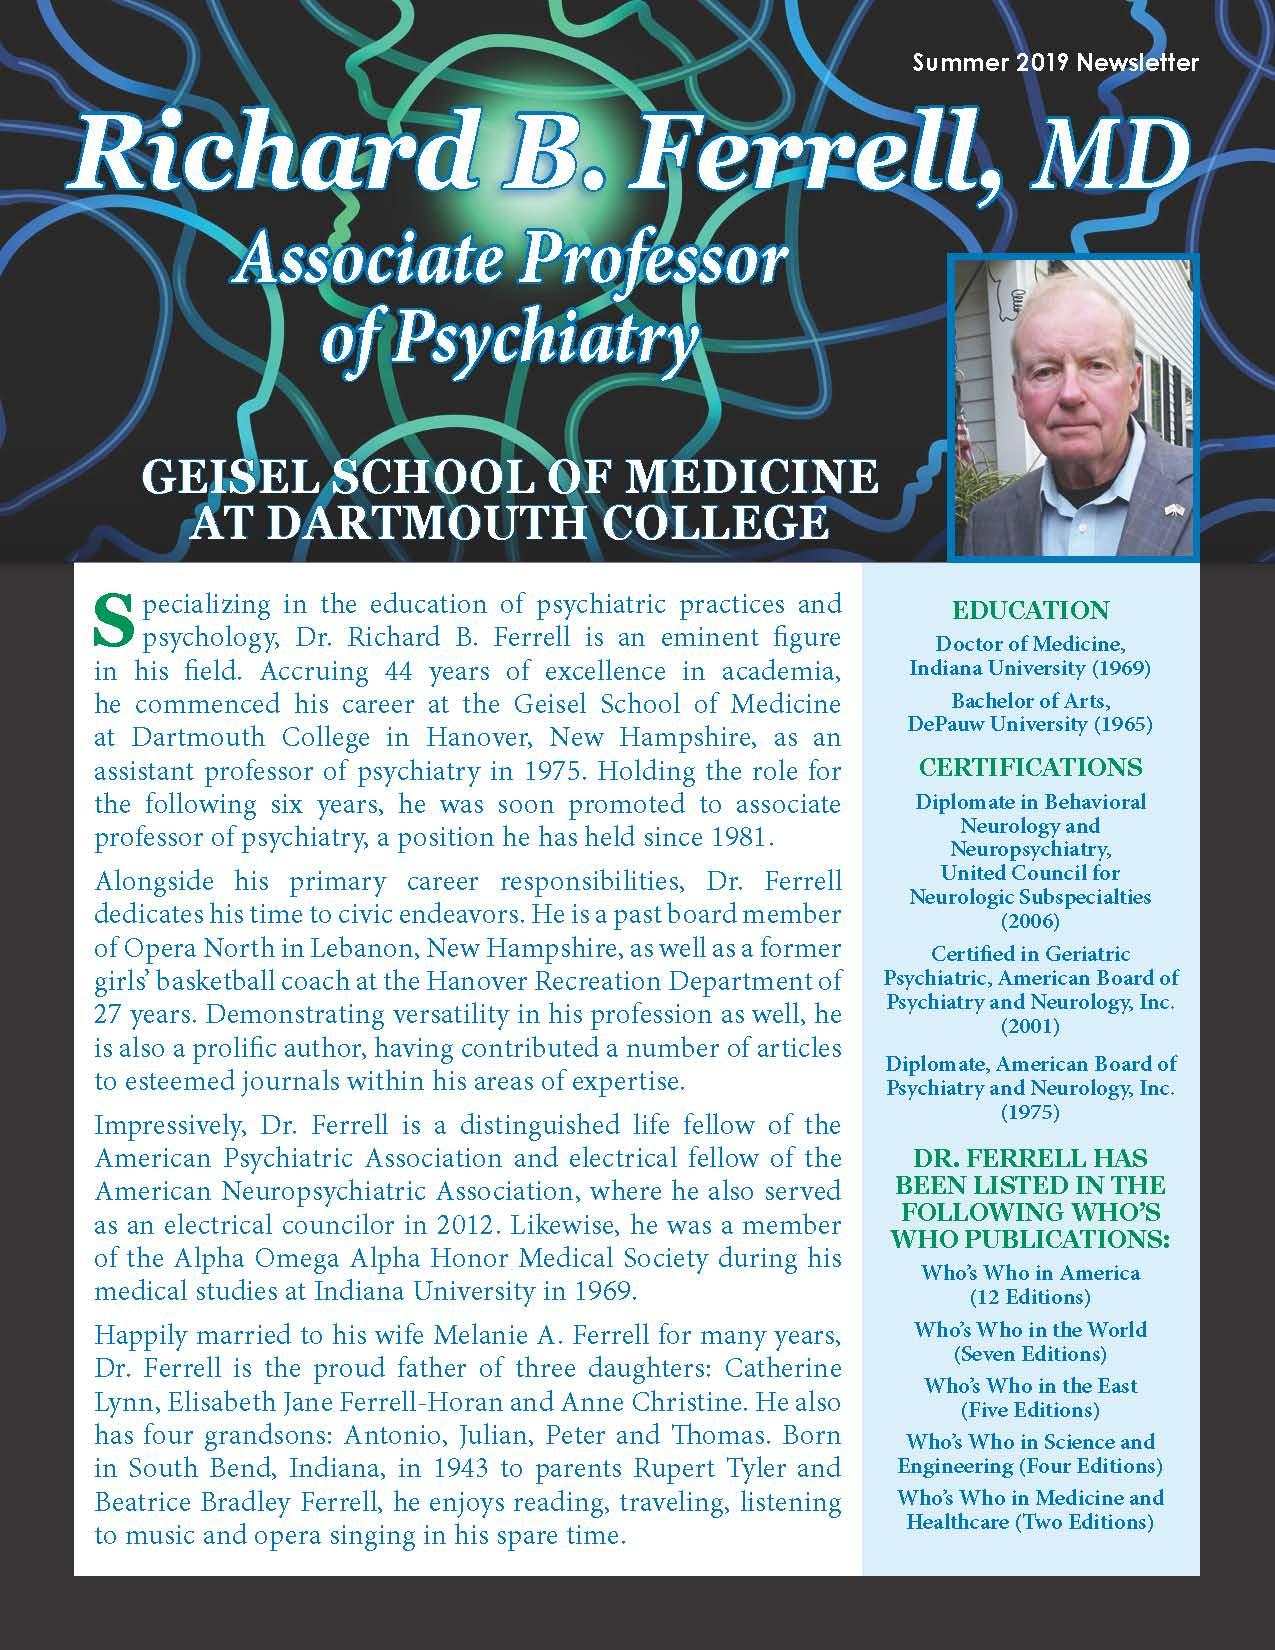 Ferrell, Richard 2202844_31427139 Newsletter.jpg